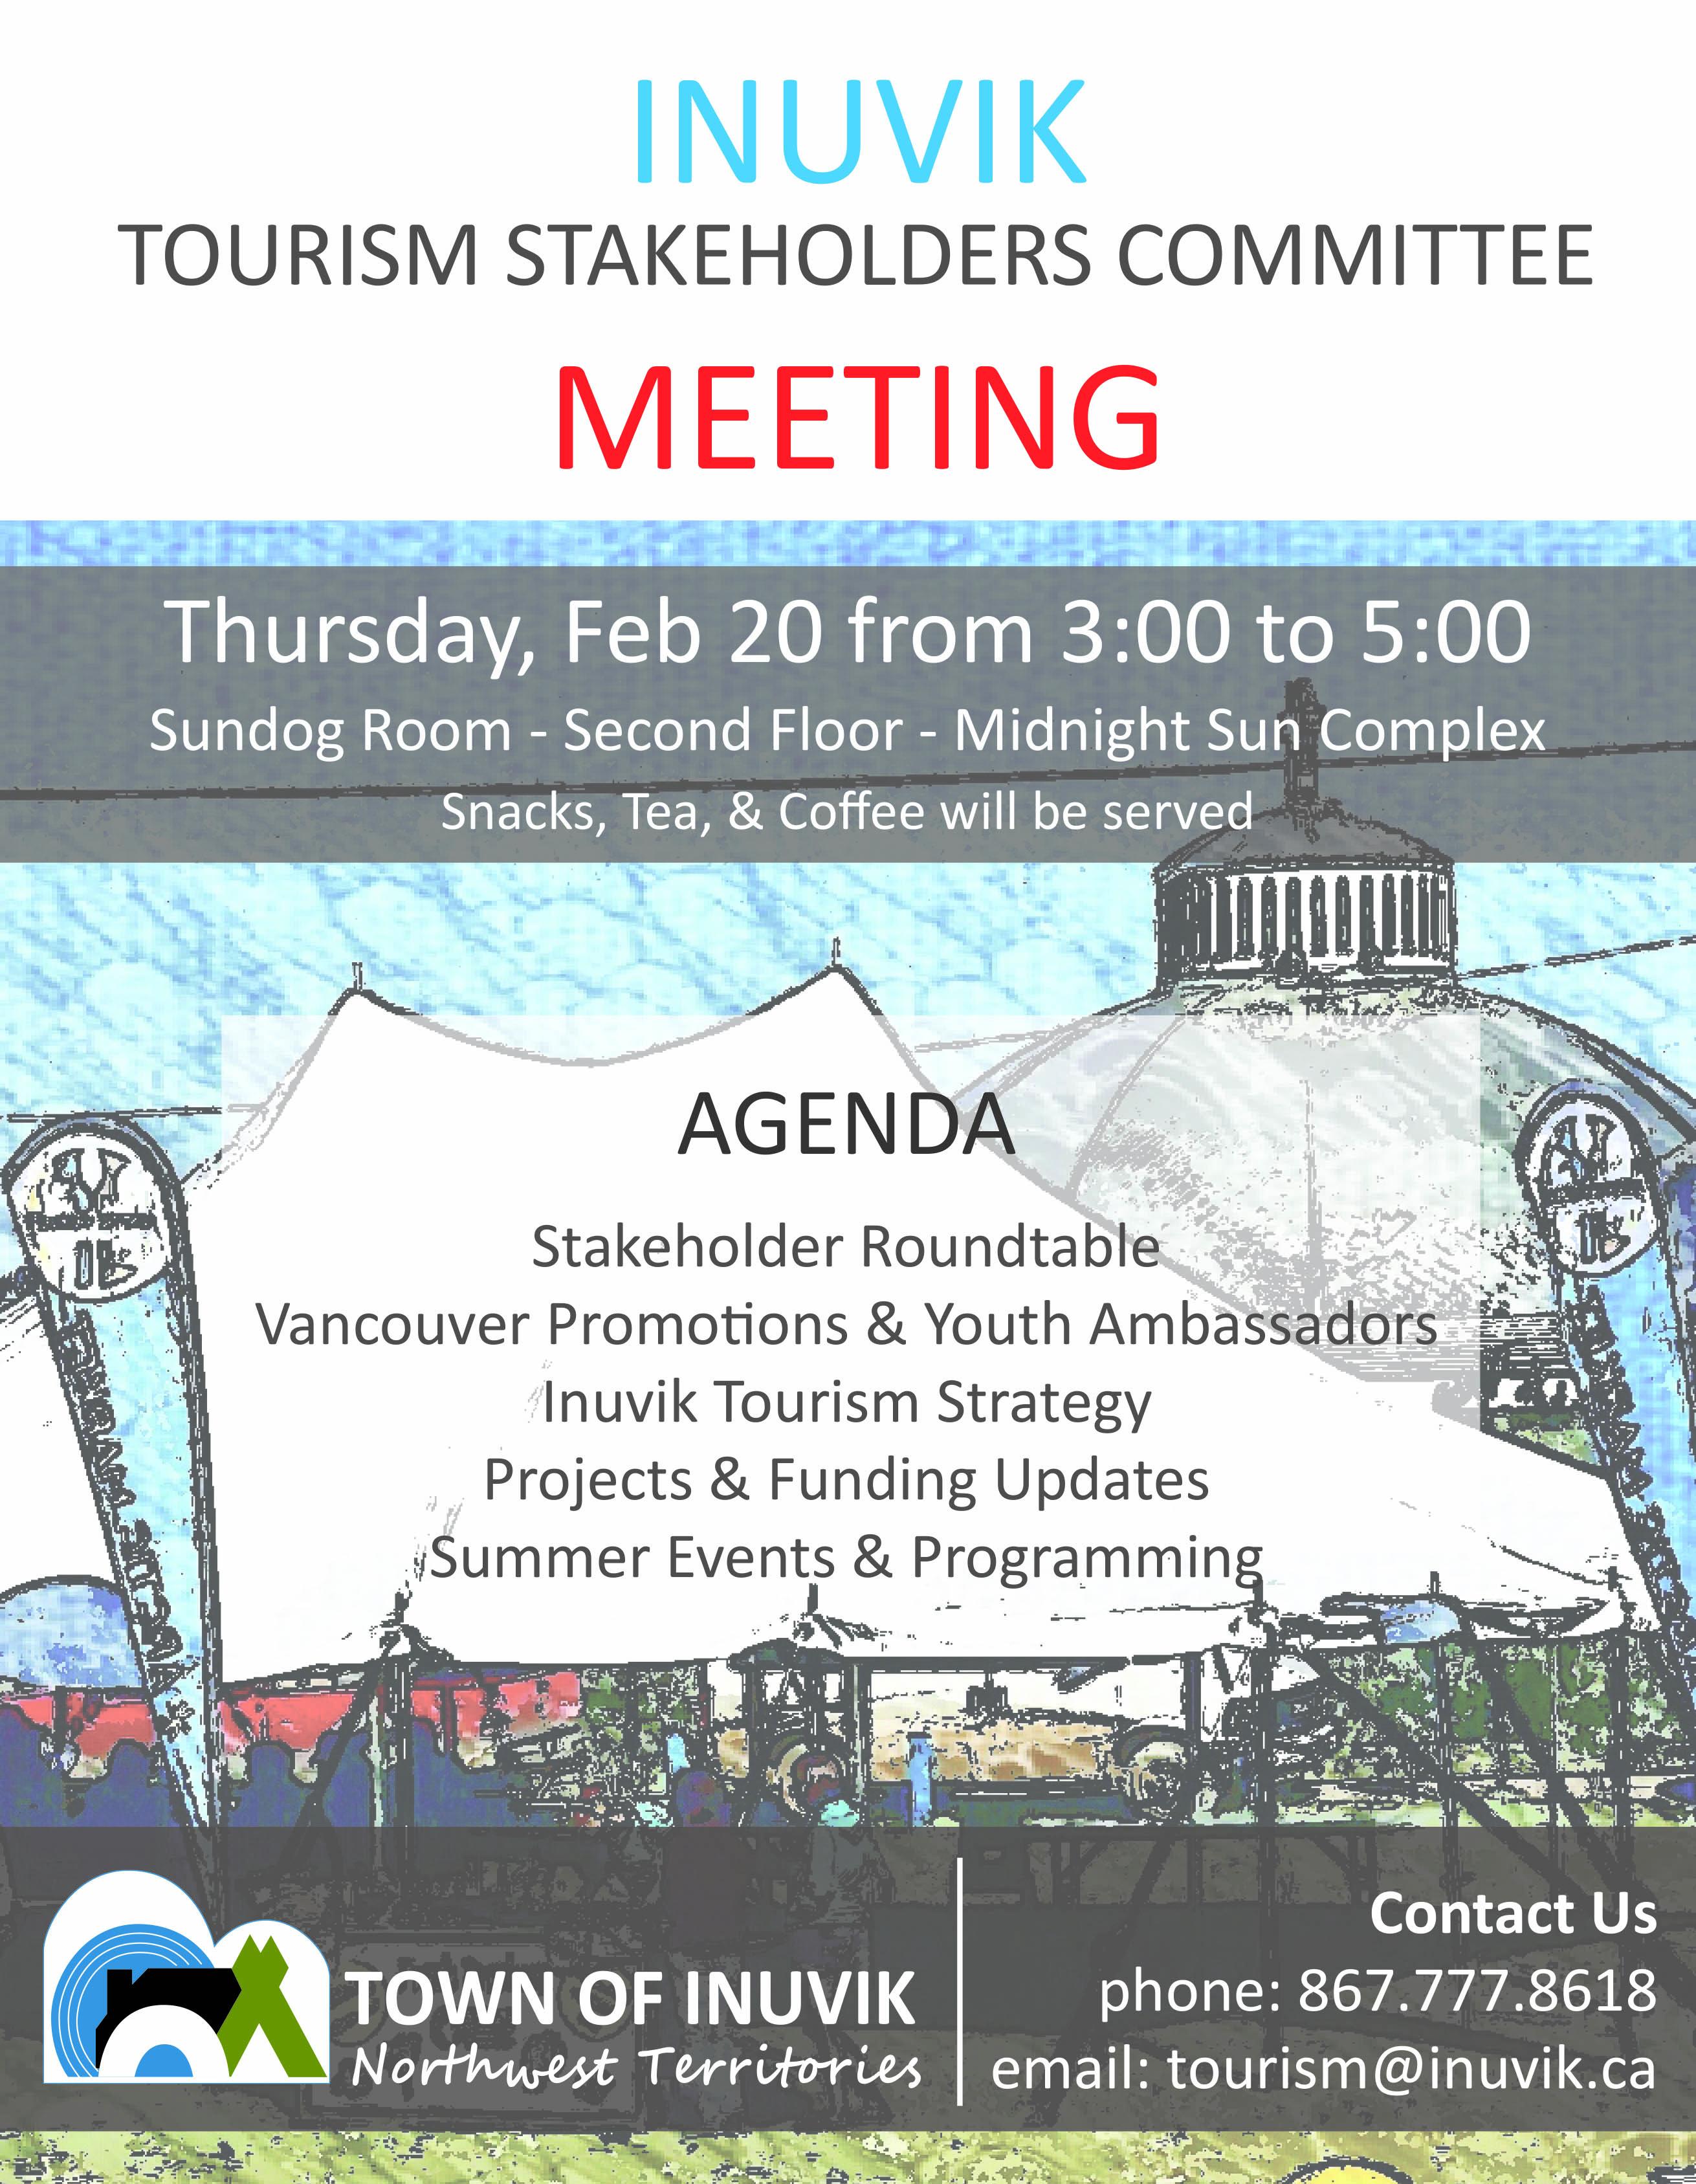 TourismStakeholderMeeting_Feb20